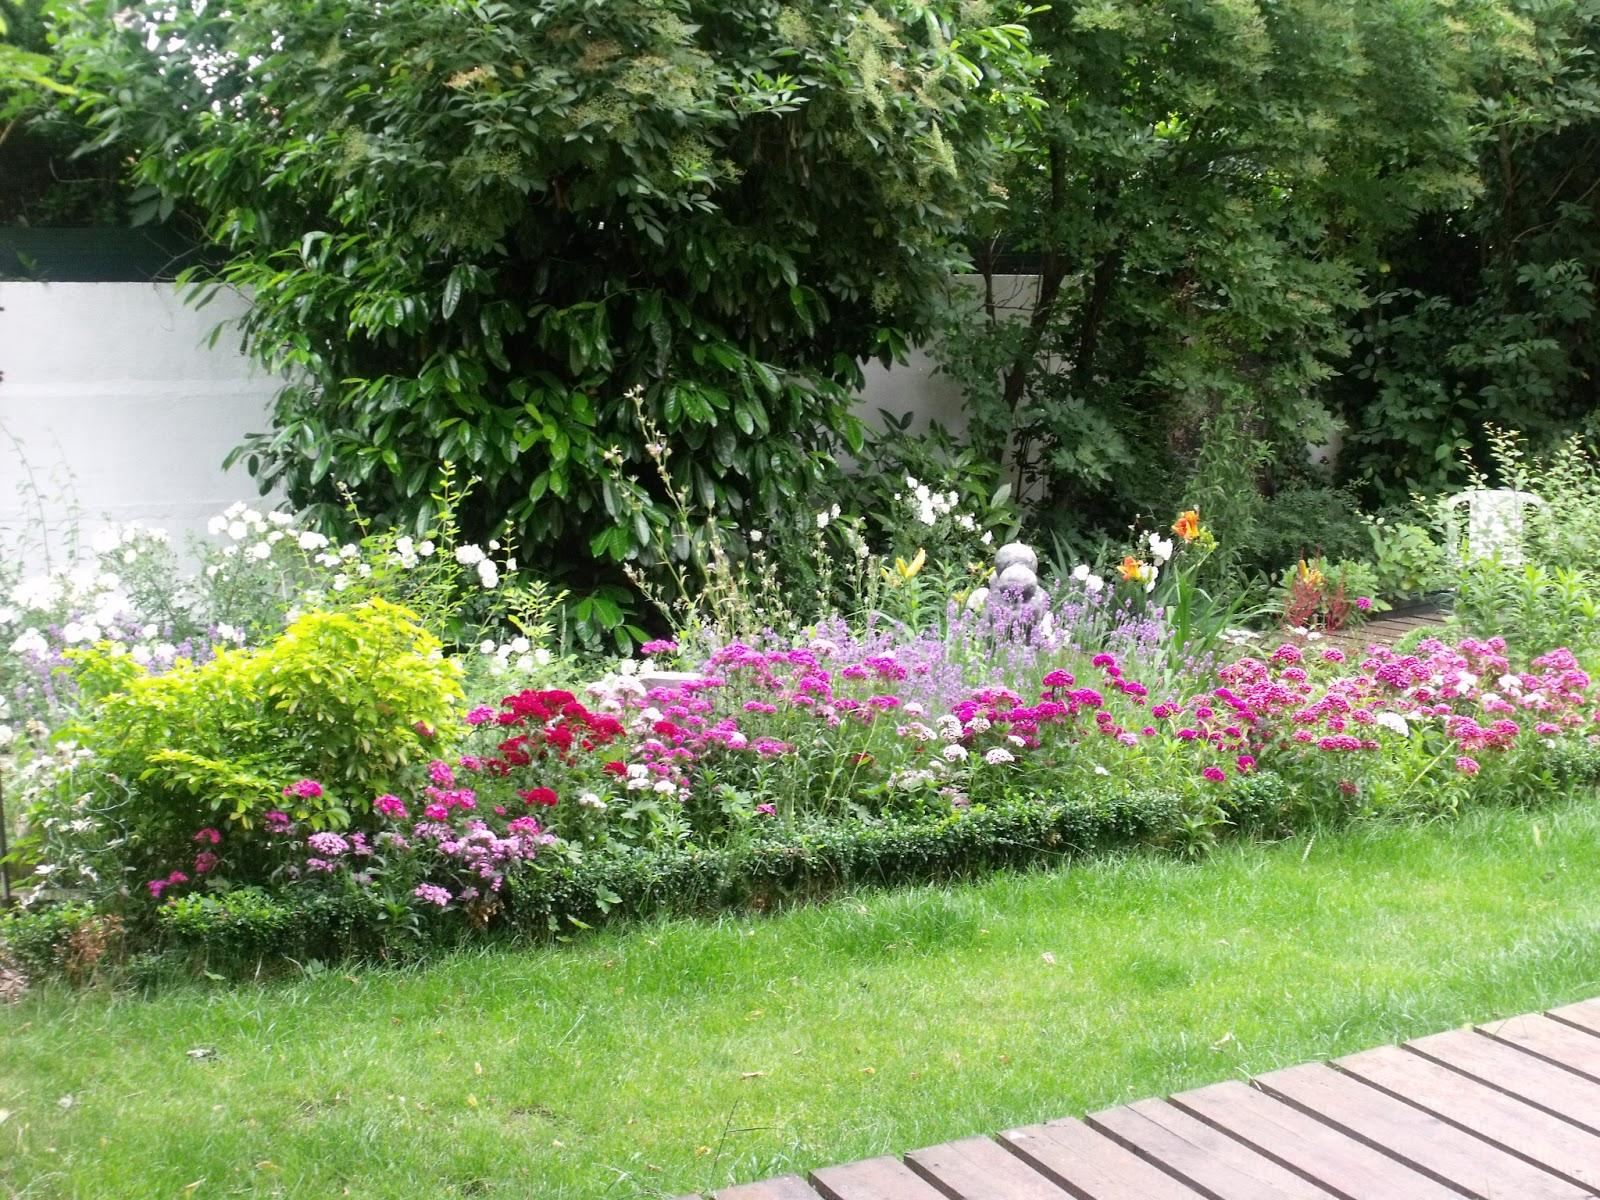 jardin contemporain à tourcoing: juillet 2013